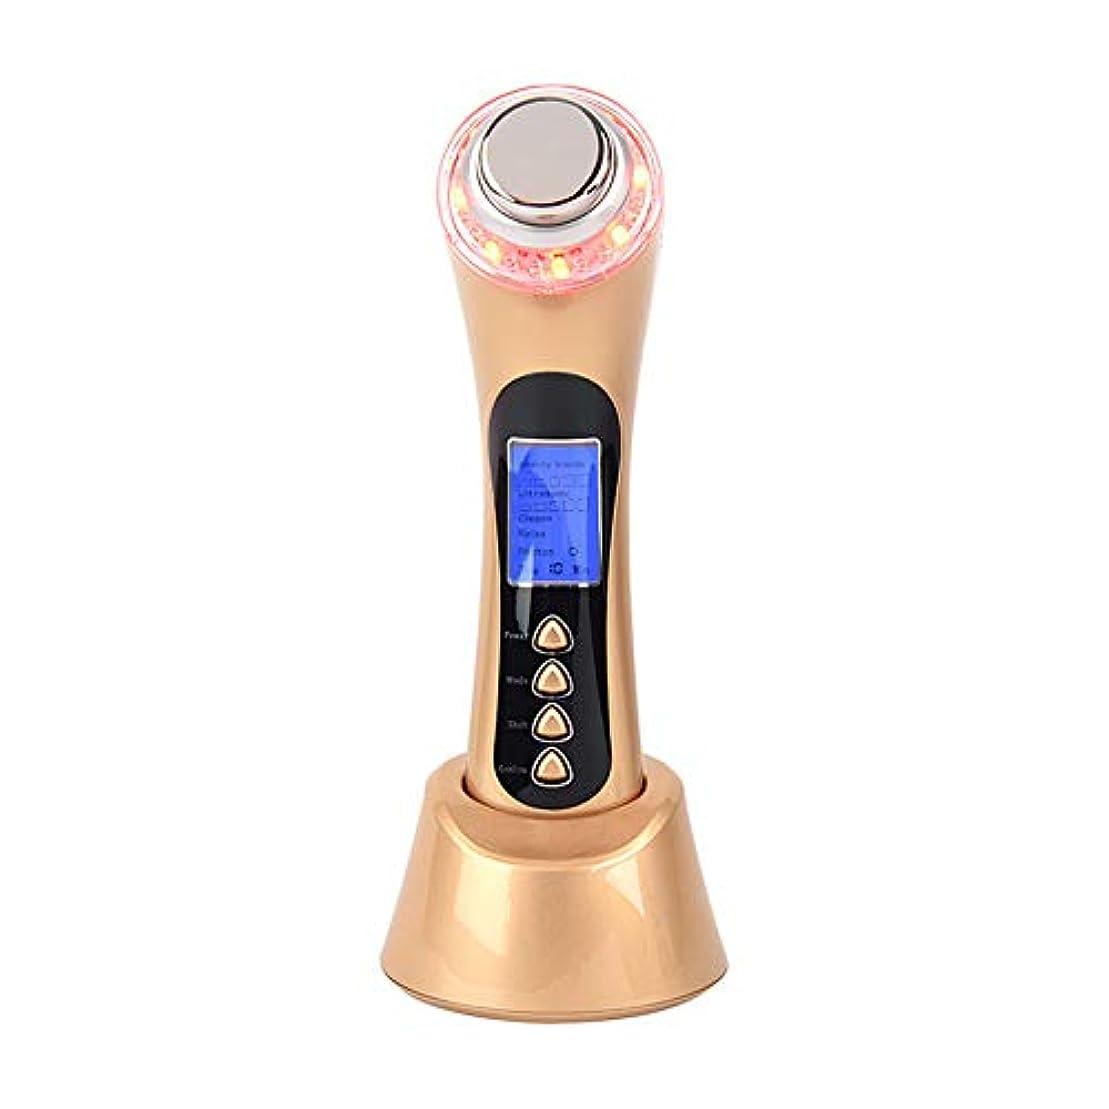 アニメーションアーサー件名フェイシャルマッサージャー5-in-1イオンクリーナーと赤/青/緑LED光線療法装置により、にきび/にきびのインポート栄養反しわ復活USB充電式